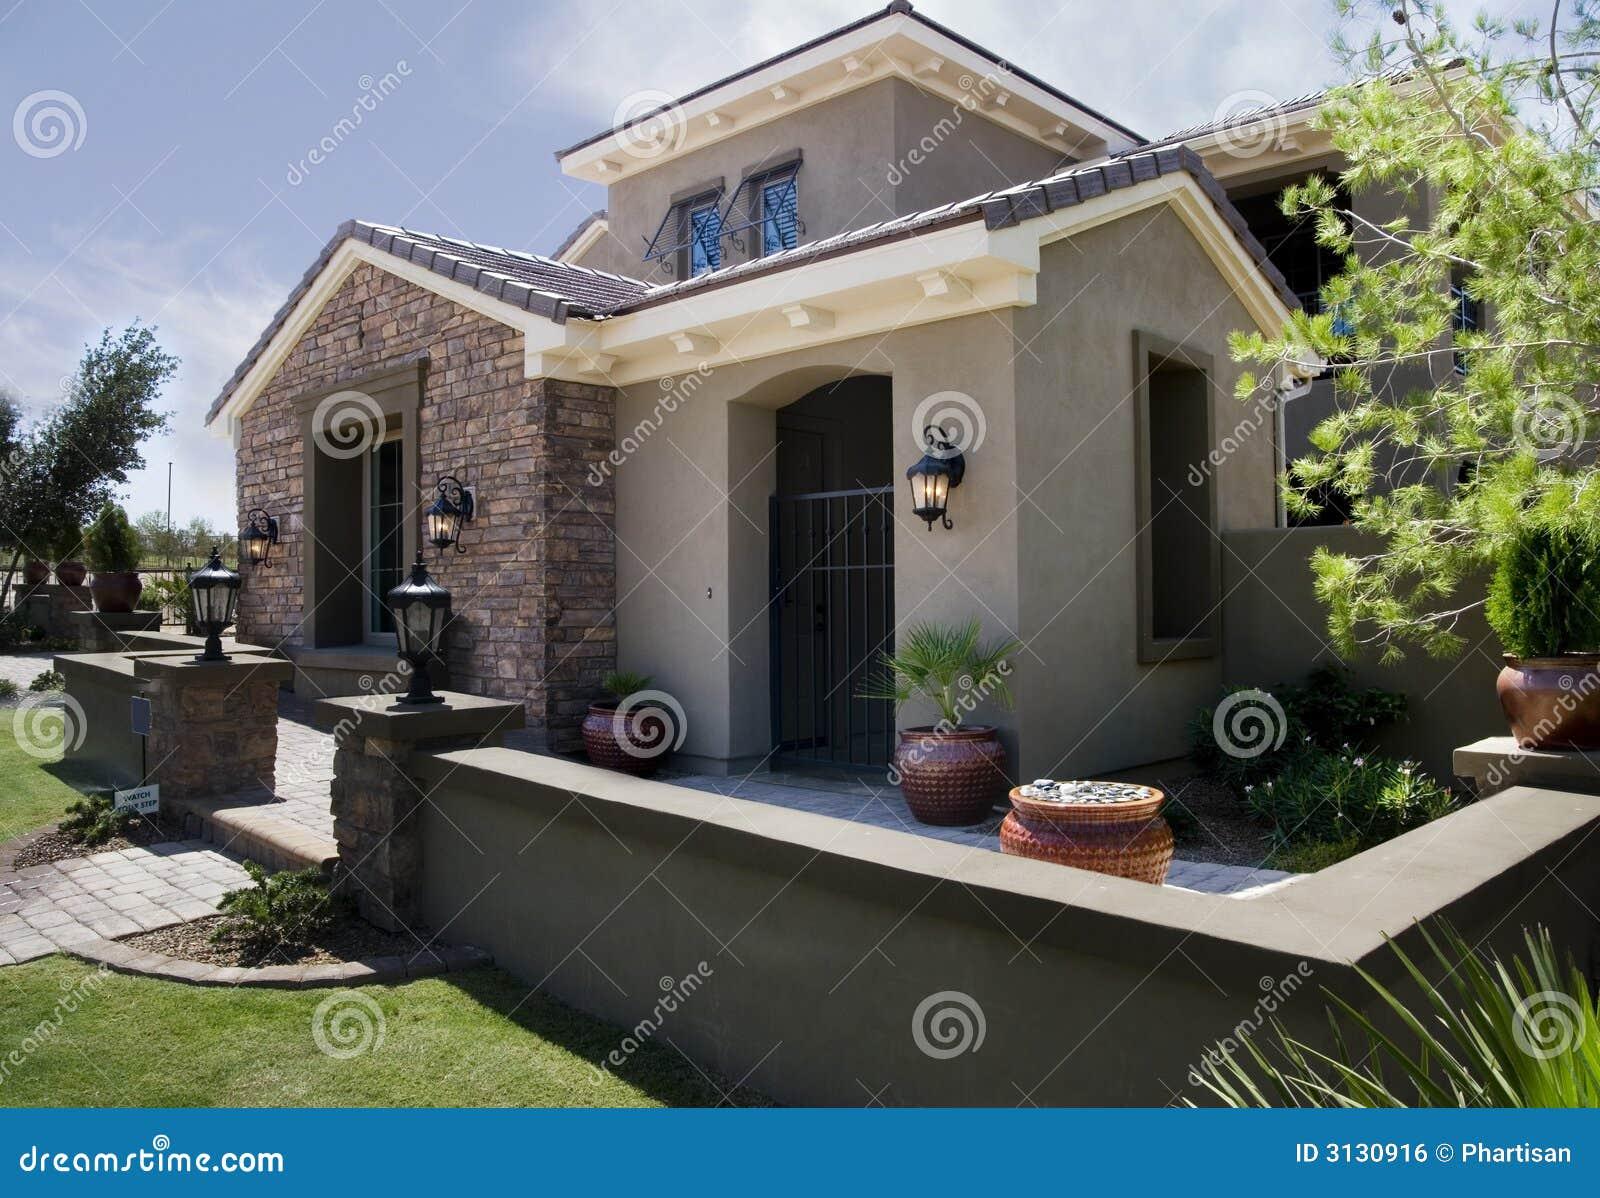 De nieuwe moderne architectuur van het huis royalty vrije stock afbeelding afbeelding 3130916 - Ingang van het hedendaagse huis ...